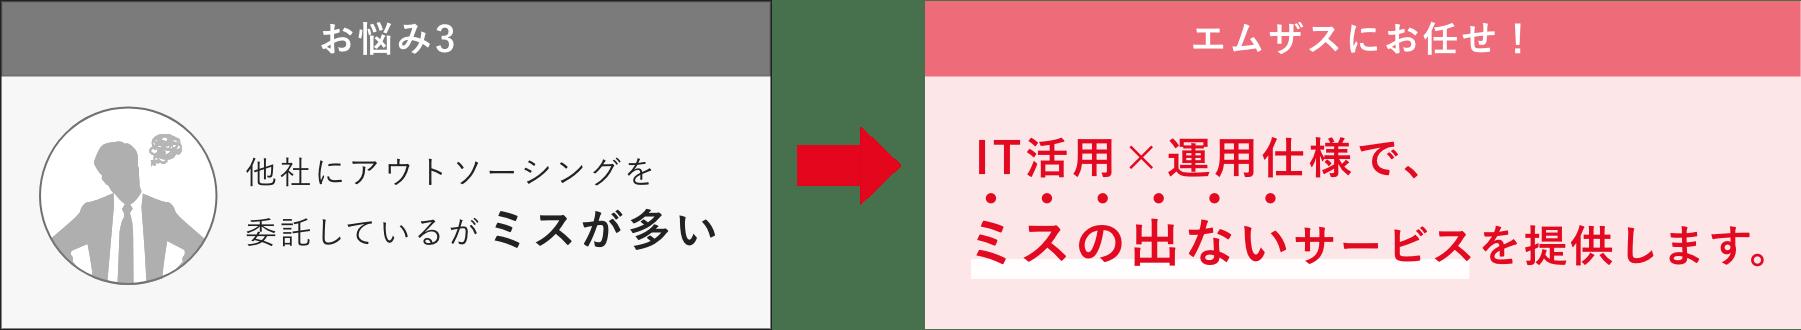 お悩み: 他社にアウトソーシングを委託しているがミスが多い 解決法: IT活用×運用仕様で、ミスの出ないサービスを提供します。